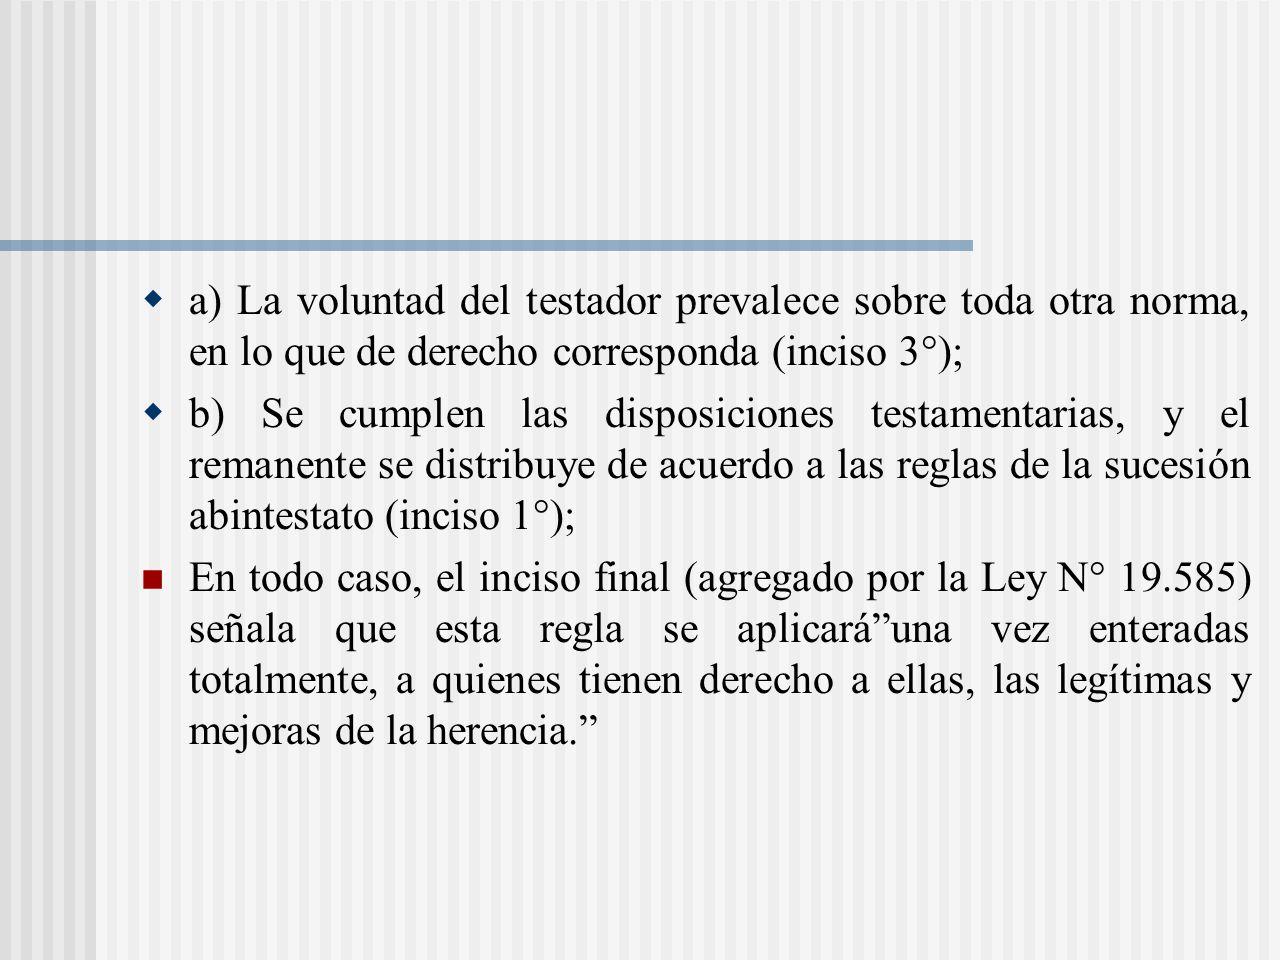 a) La voluntad del testador prevalece sobre toda otra norma, en lo que de derecho corresponda (inciso 3°);